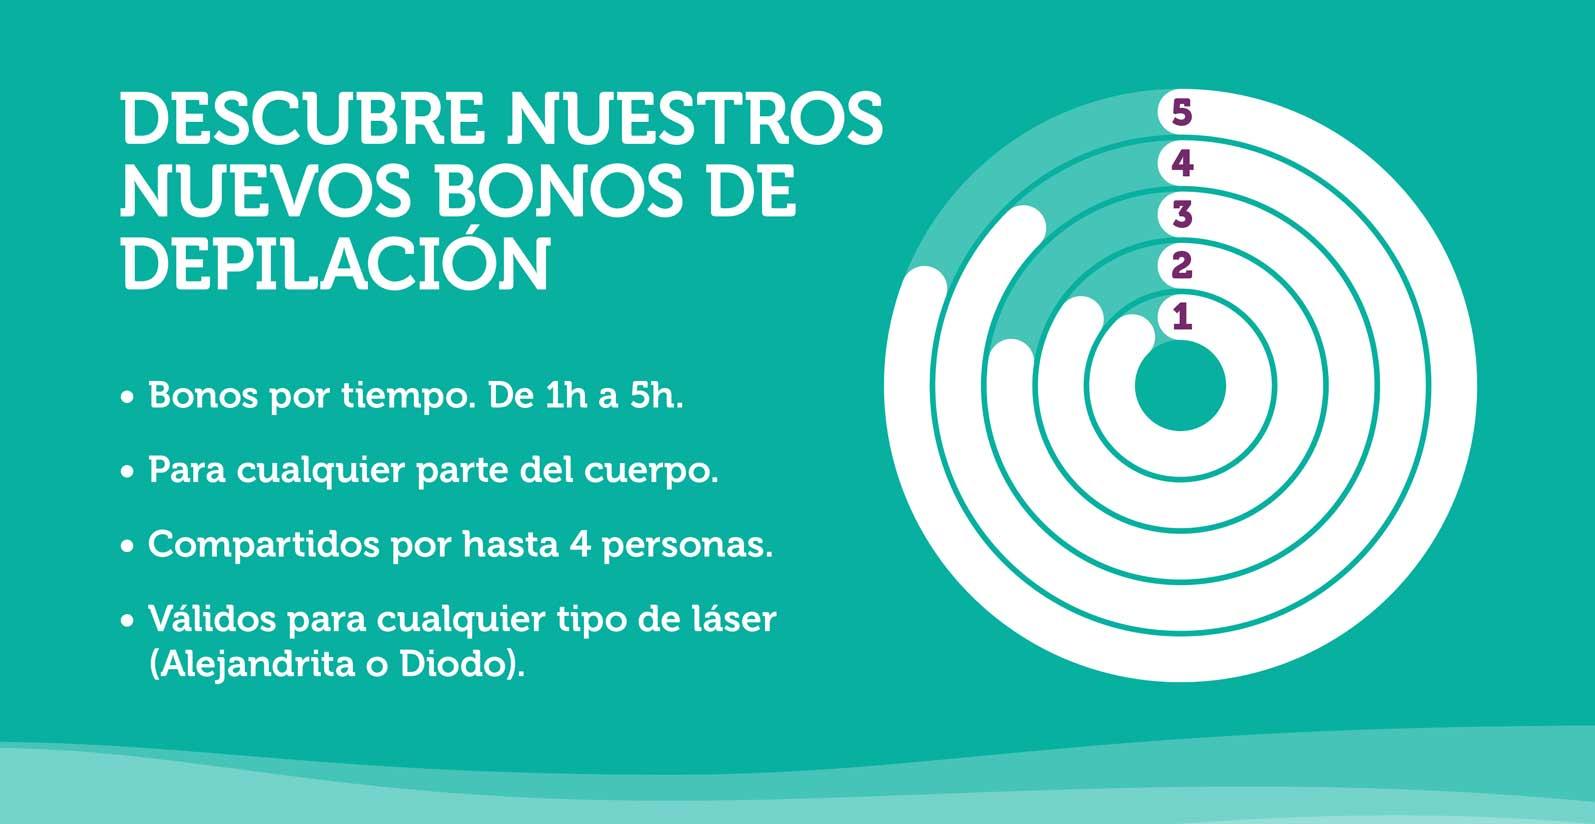 Bonos-depilacion_slide